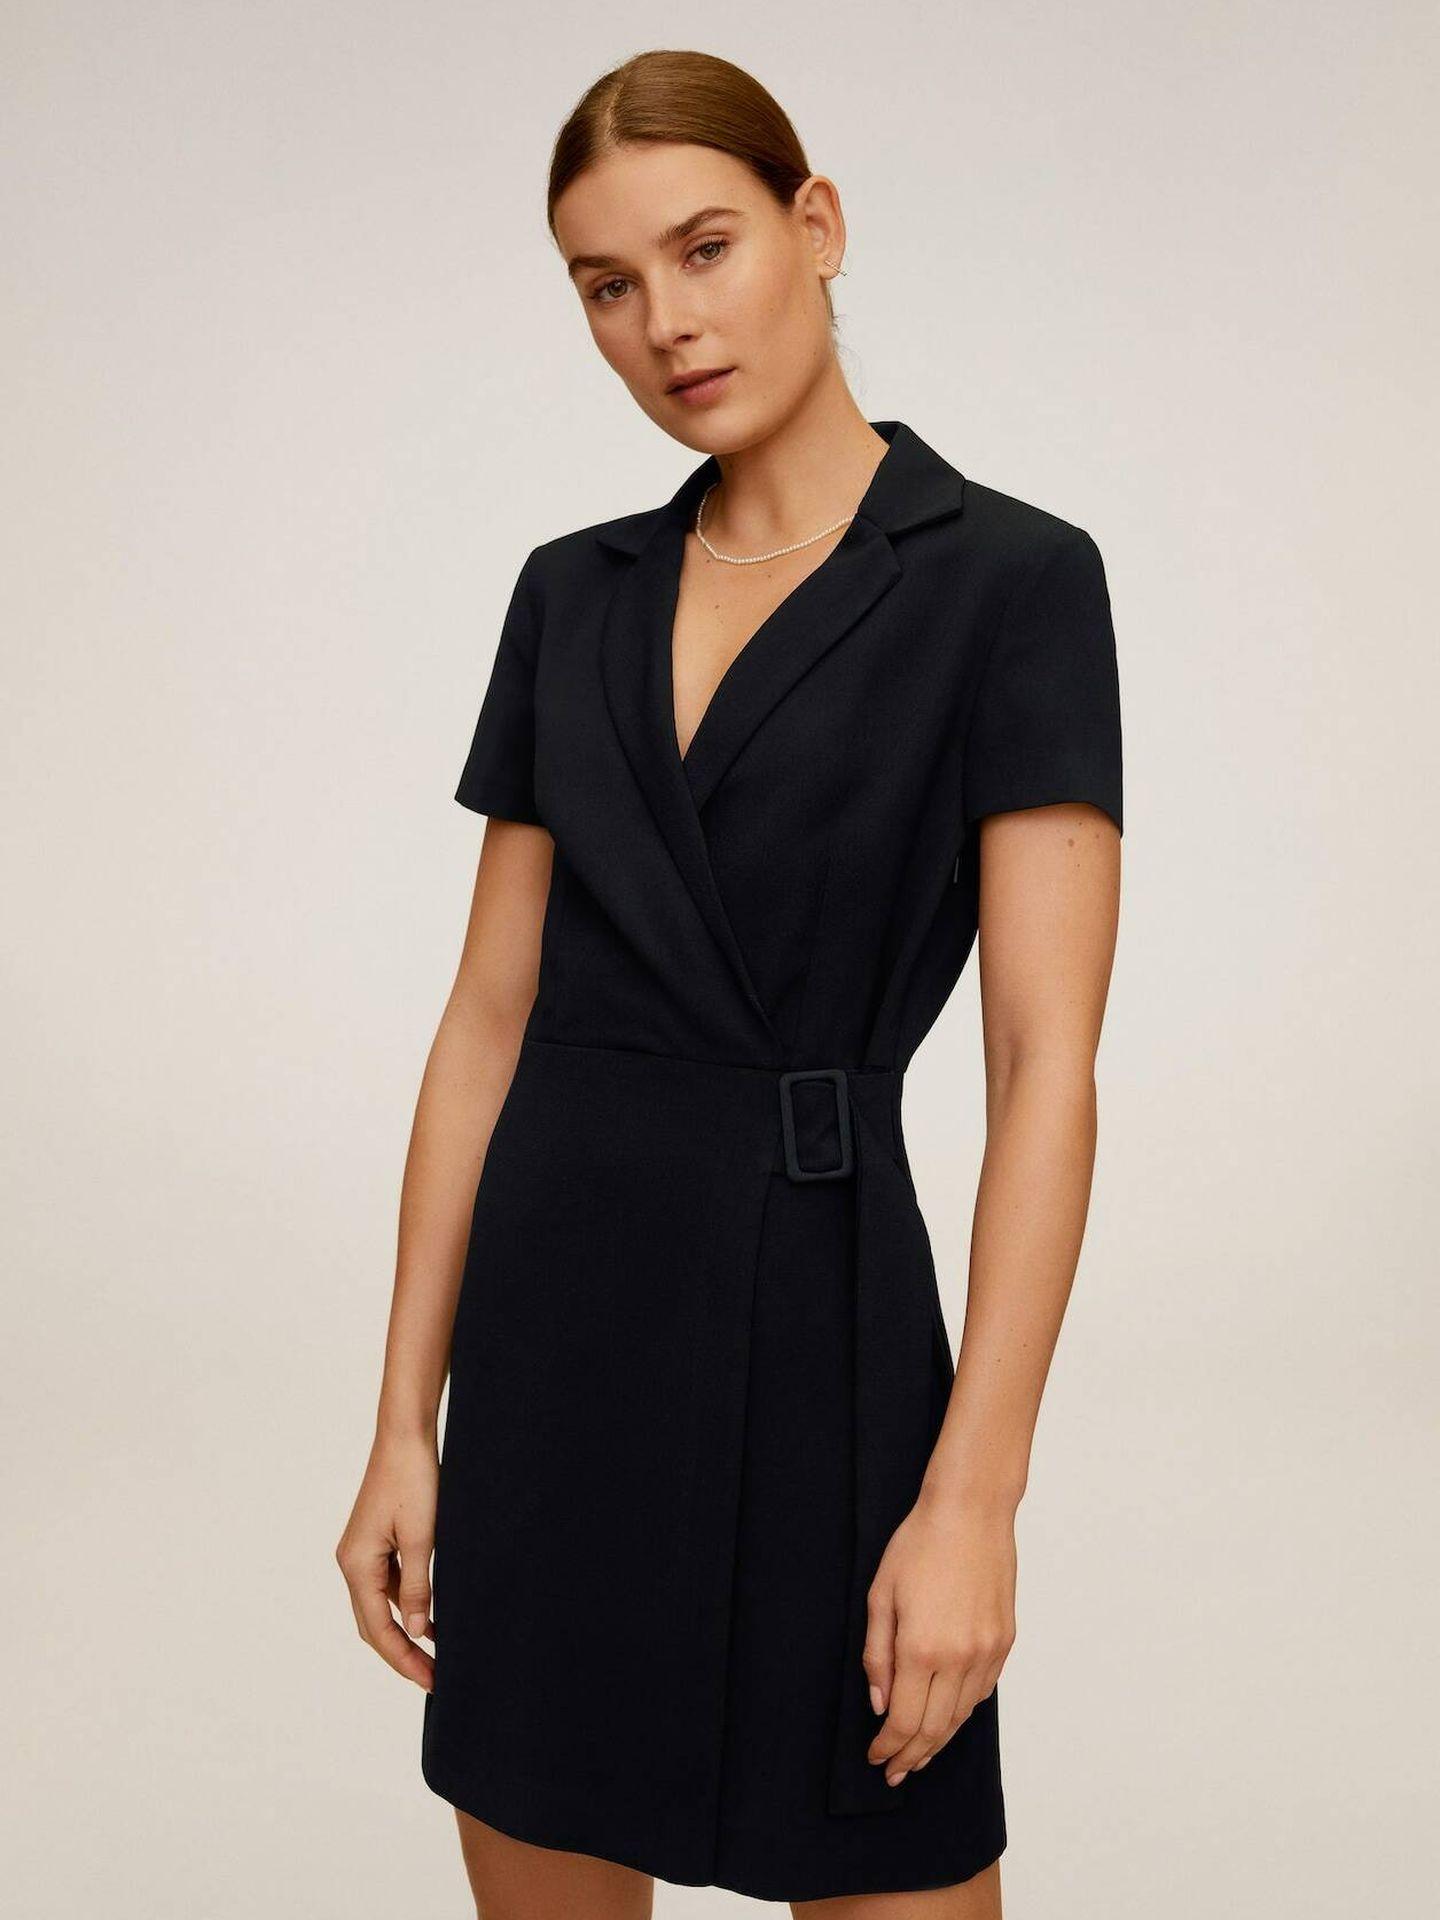 Vestido negro de Mango Outlet. (Cortesía)